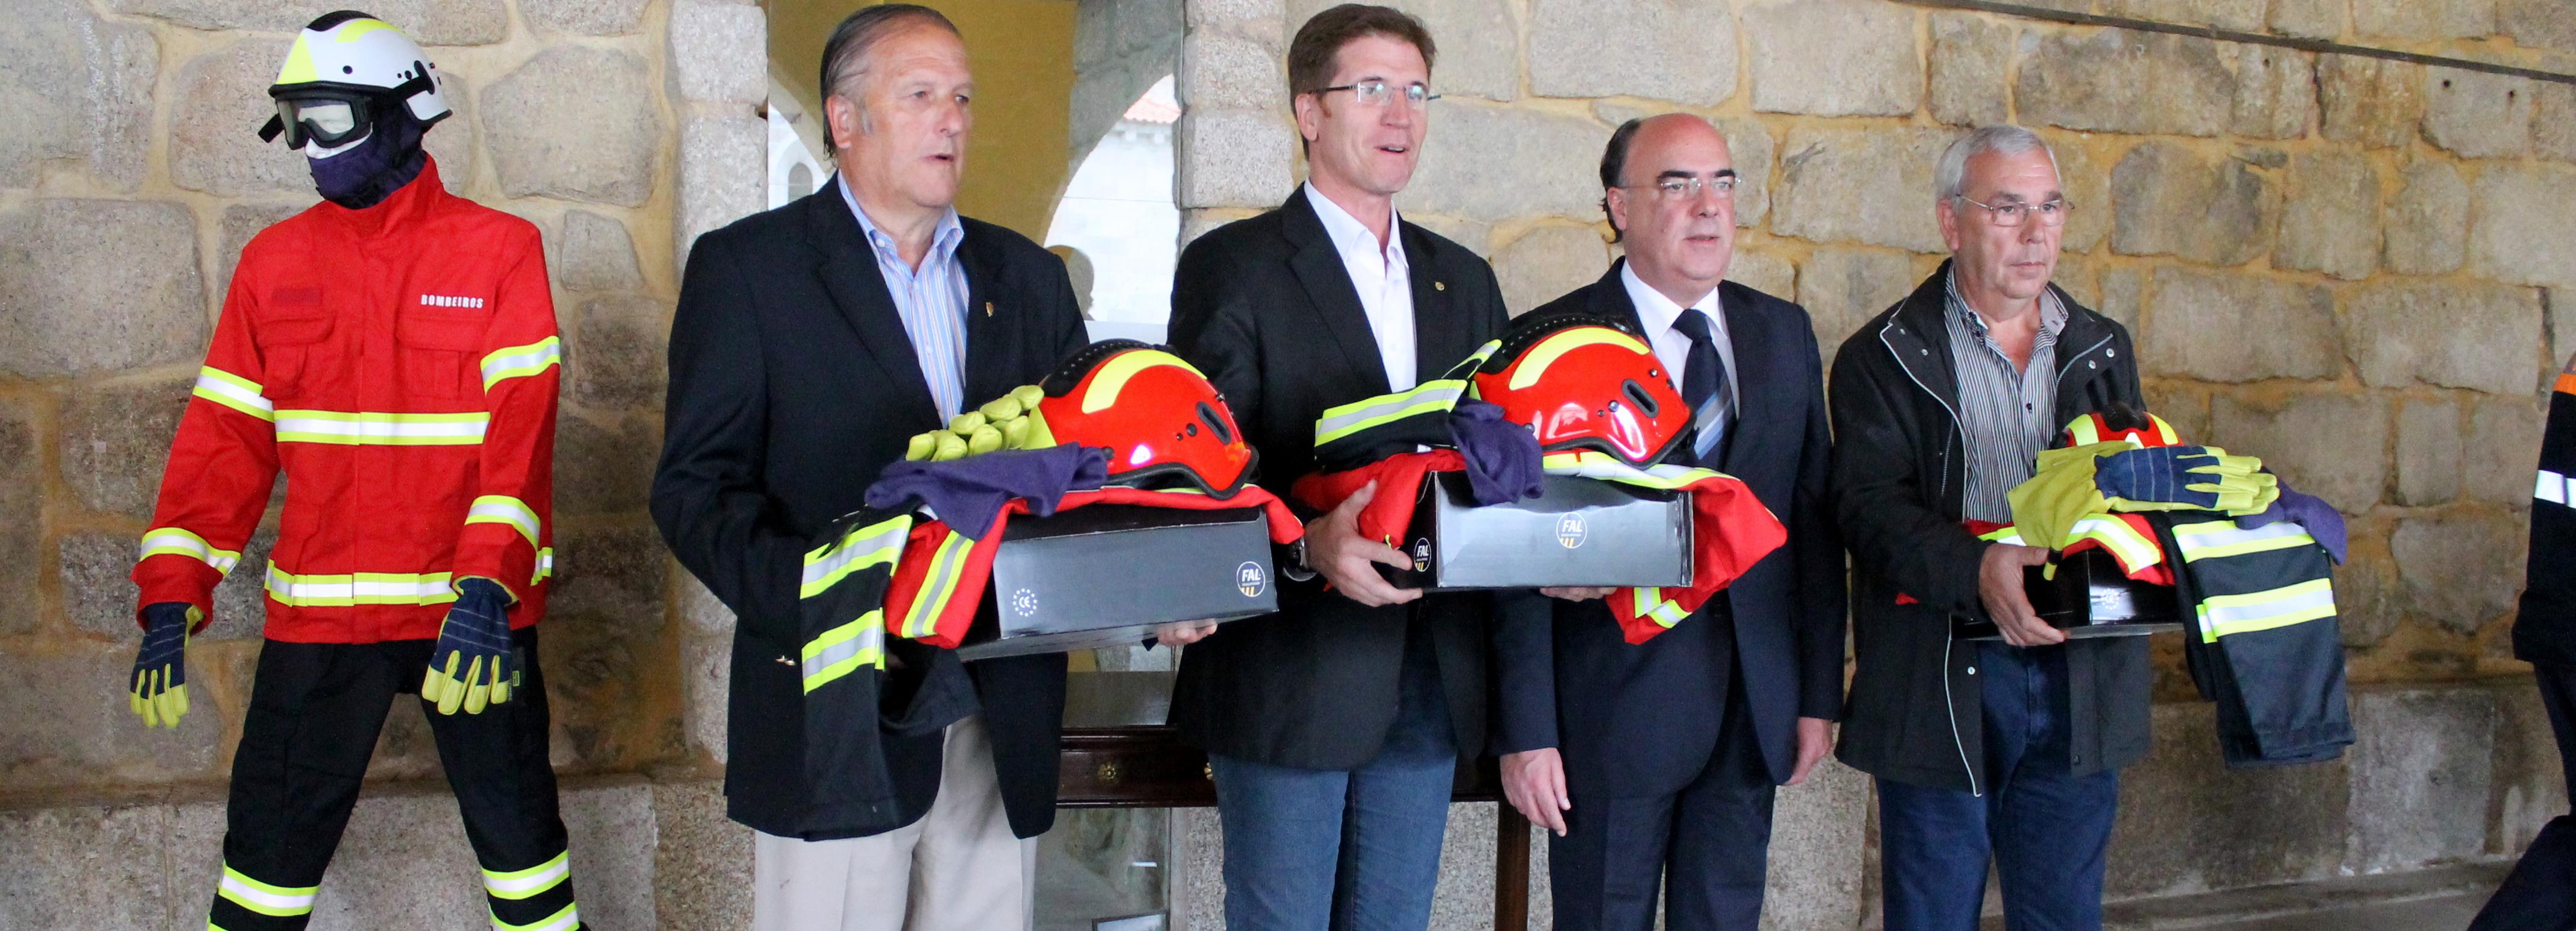 Bombeiros do concelho recebem equipamentos de proteção individual contra incêndios